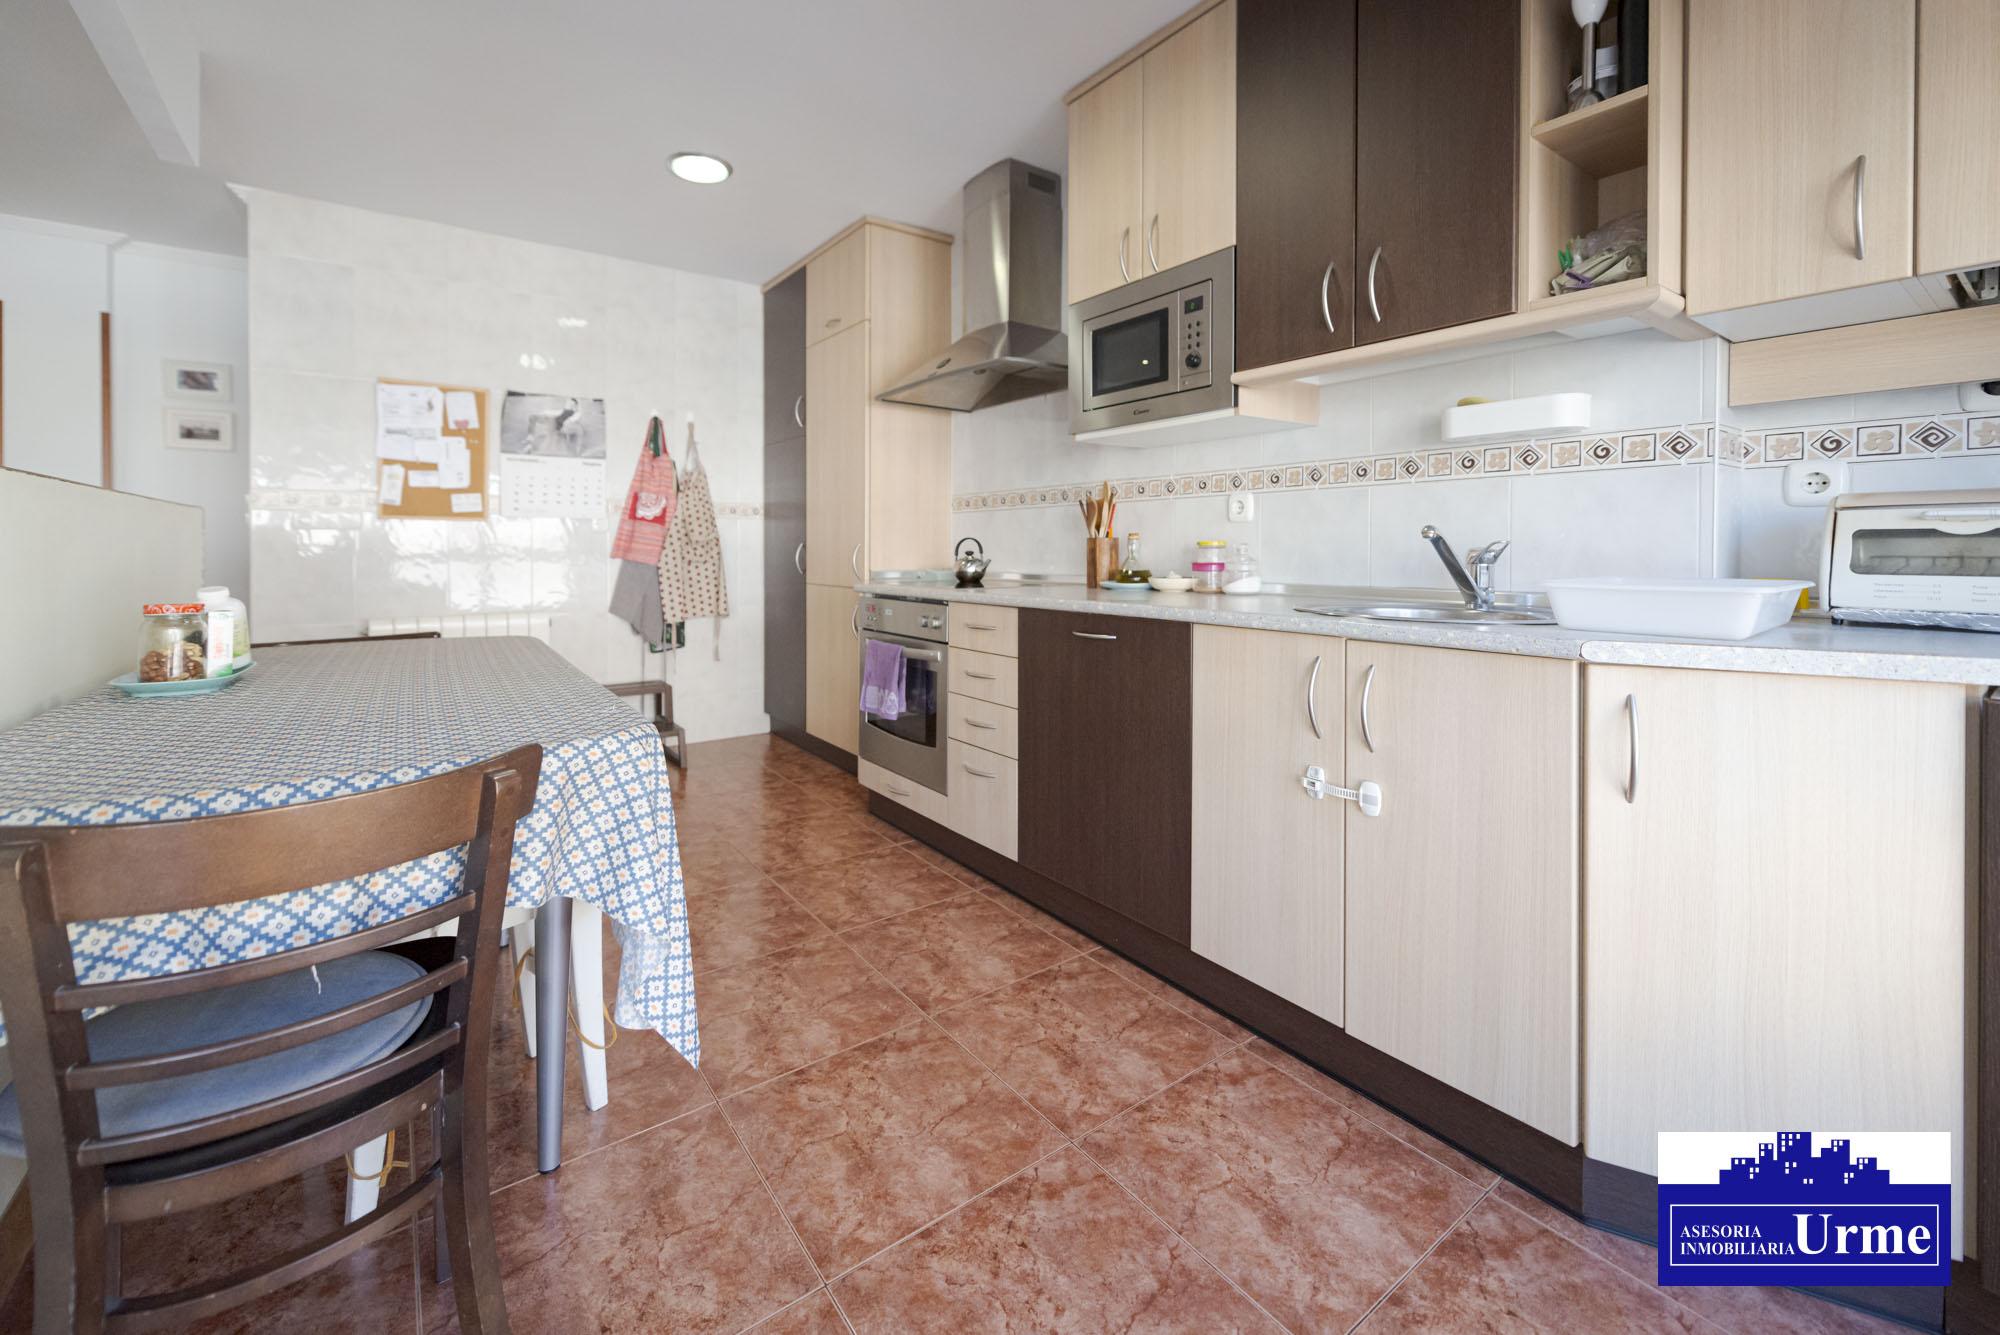 En ventas de Irun, con ascensor amplio a cota cero.2 Habitaciones, baño con ducha,salon, cocina americana Impecable. Informate!!!!